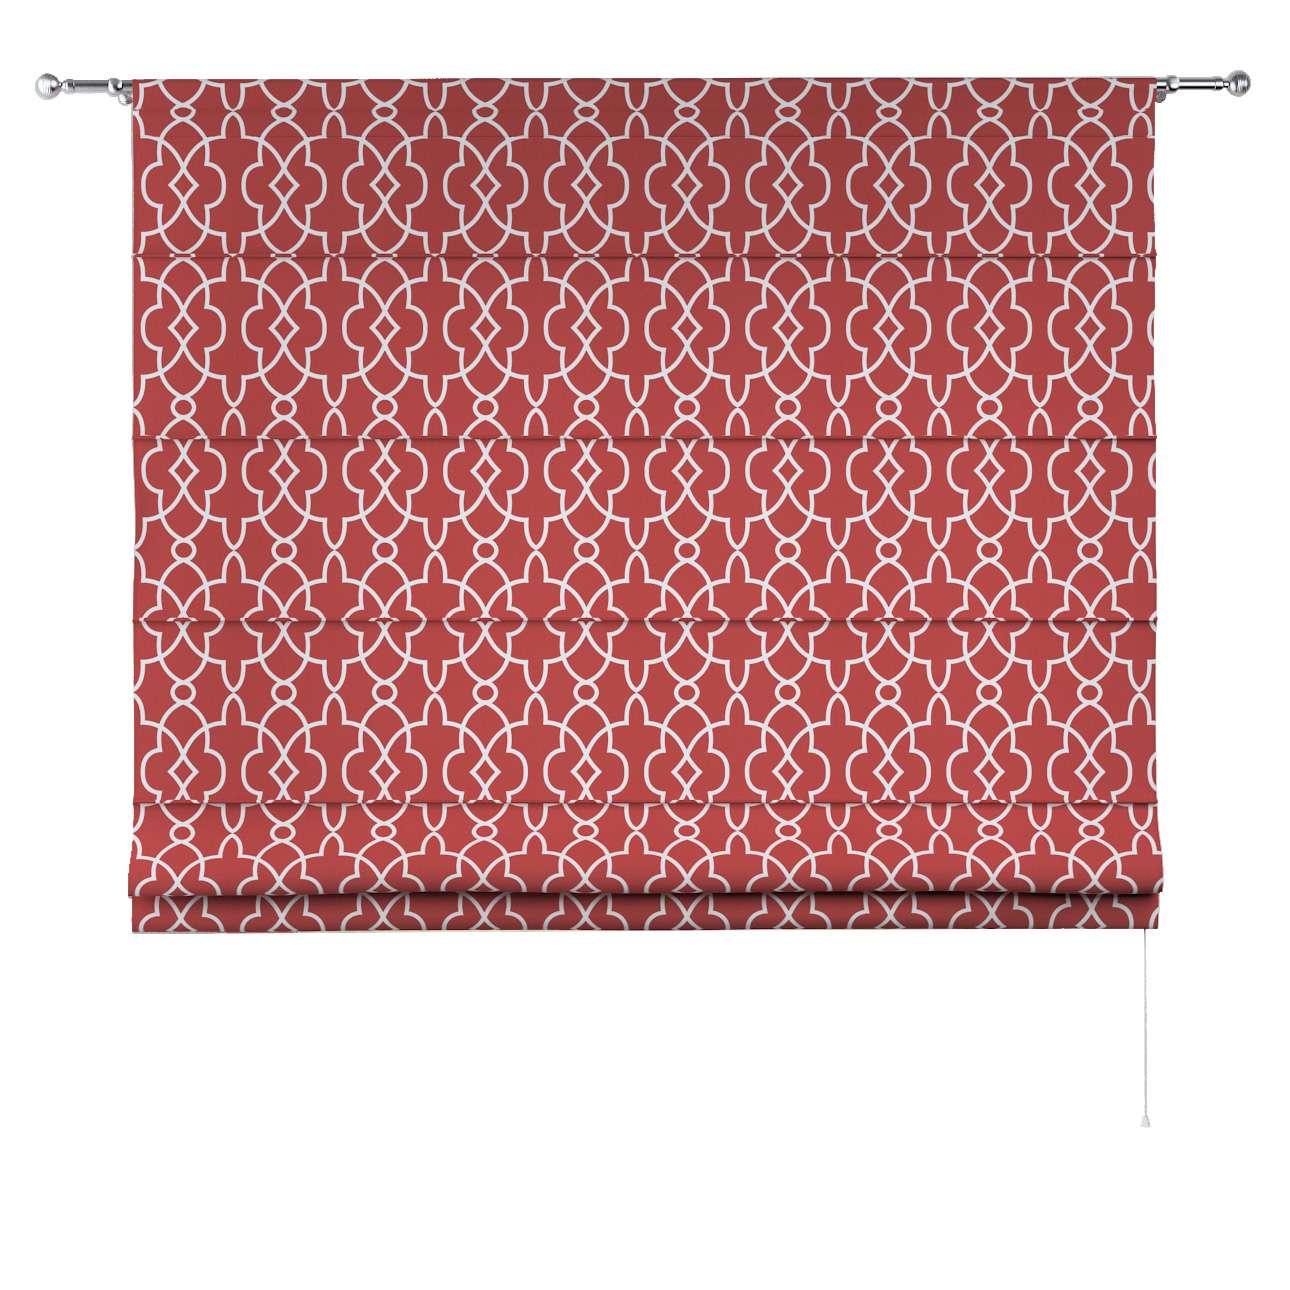 Roleta rzymska Torino w kolekcji Gardenia, tkanina: 142-21